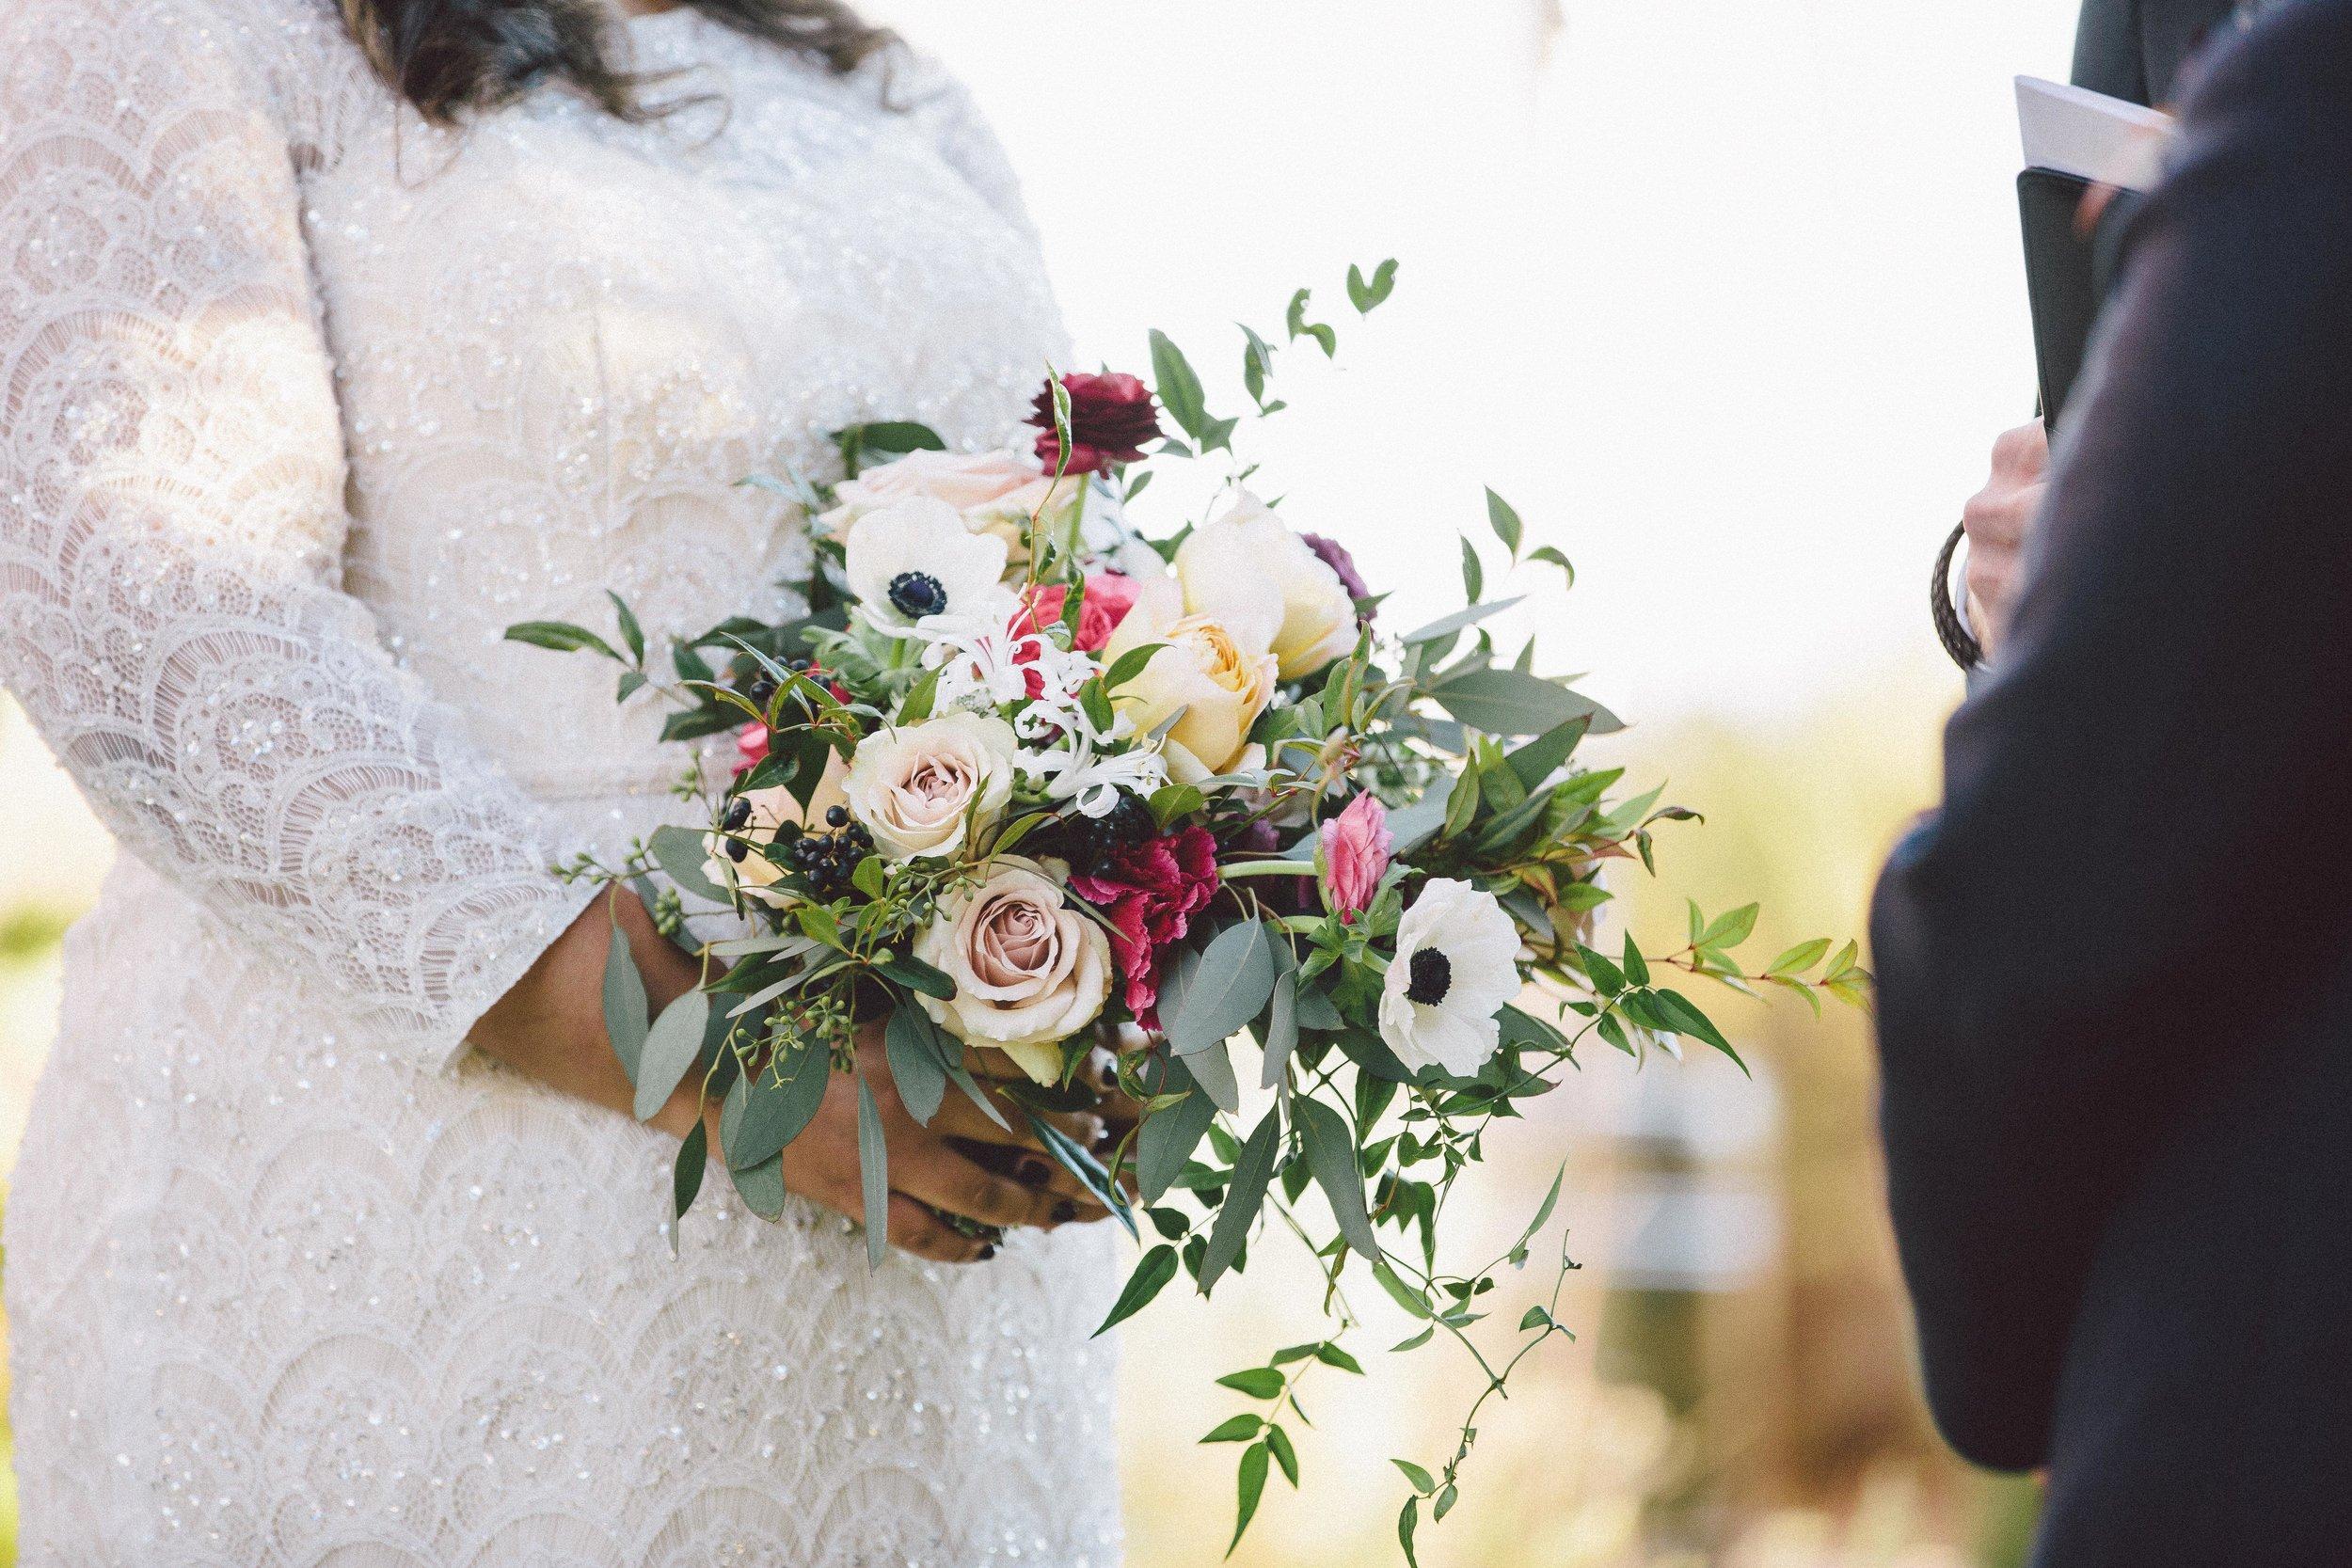 MP_16.11.05_Danielle-&-Laura-Wedding-Chatfield-Farms-8374.jpg